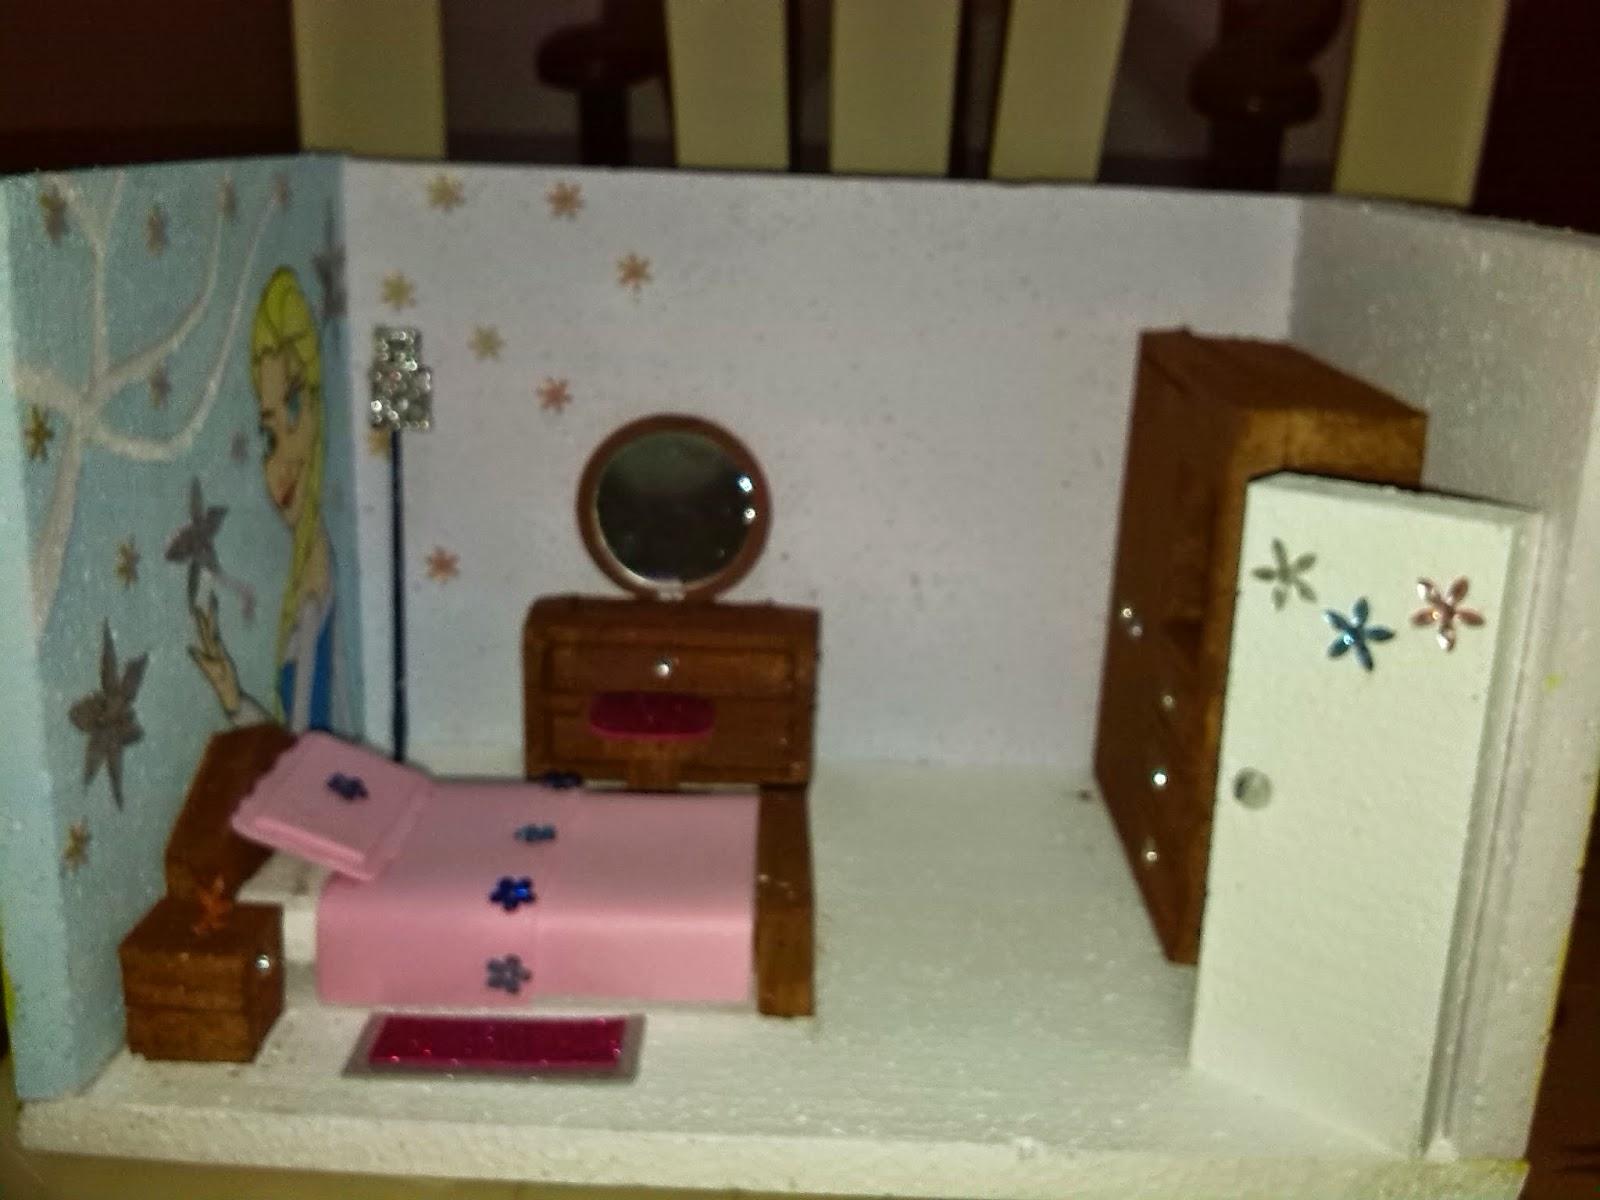 Maqueta de casas con material reciclable casa de maqueta - Casa de manualidades ...